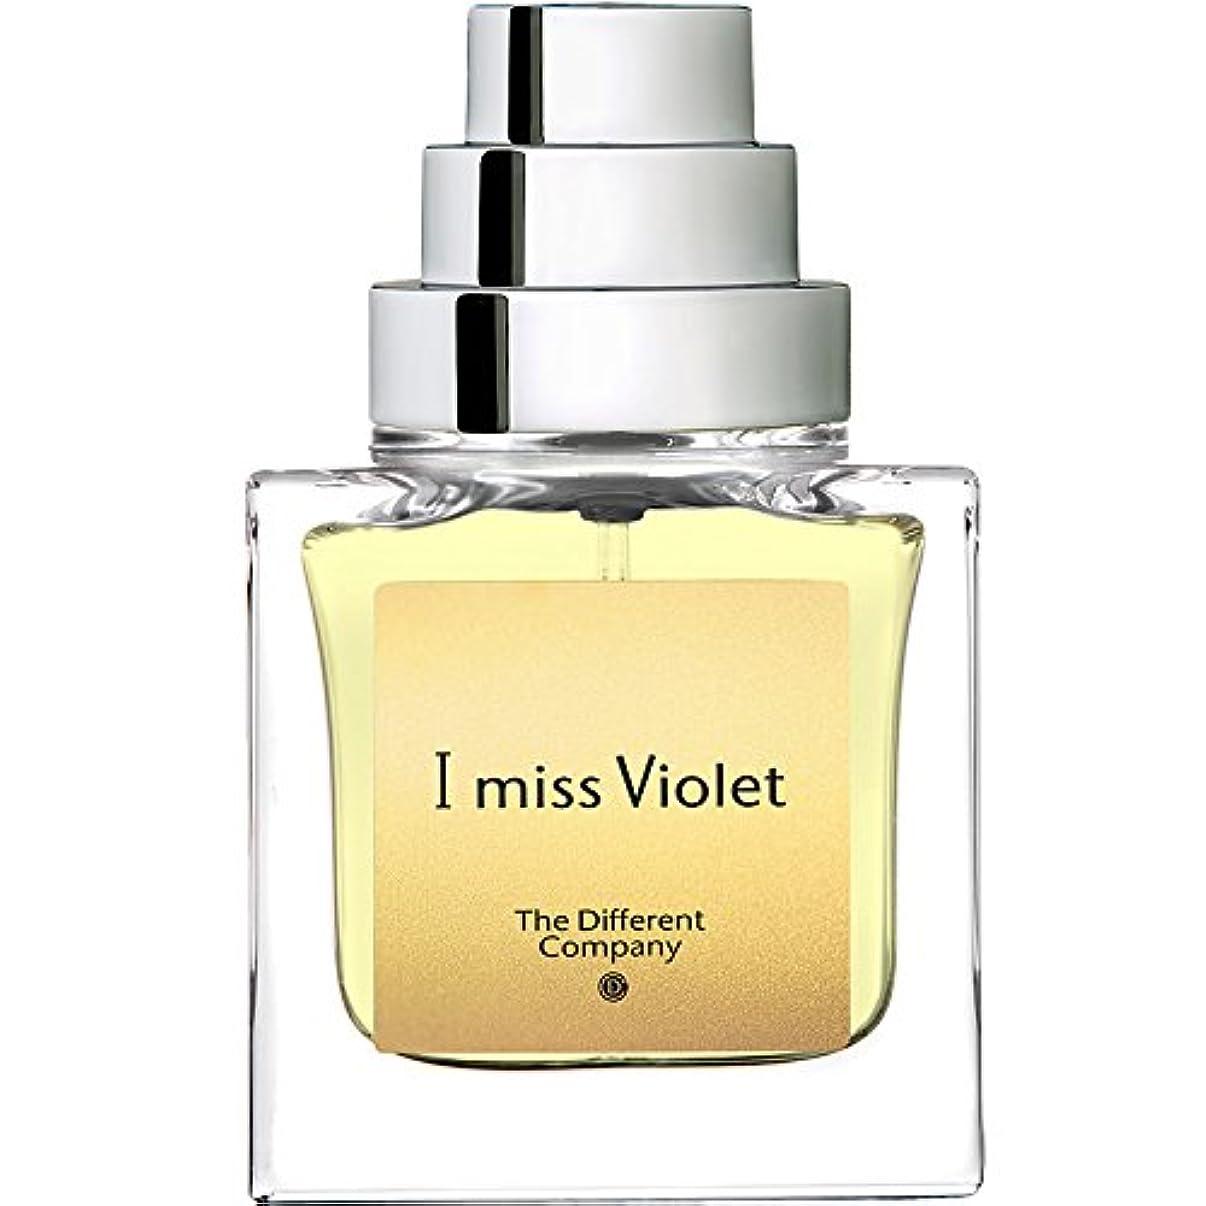 歩き回る農学一過性The Different Company I miss Violet (ザ ディファレント カンパニー アイ ミス バイオレット) 1.7 oz (50ml) EDP Spray for Women